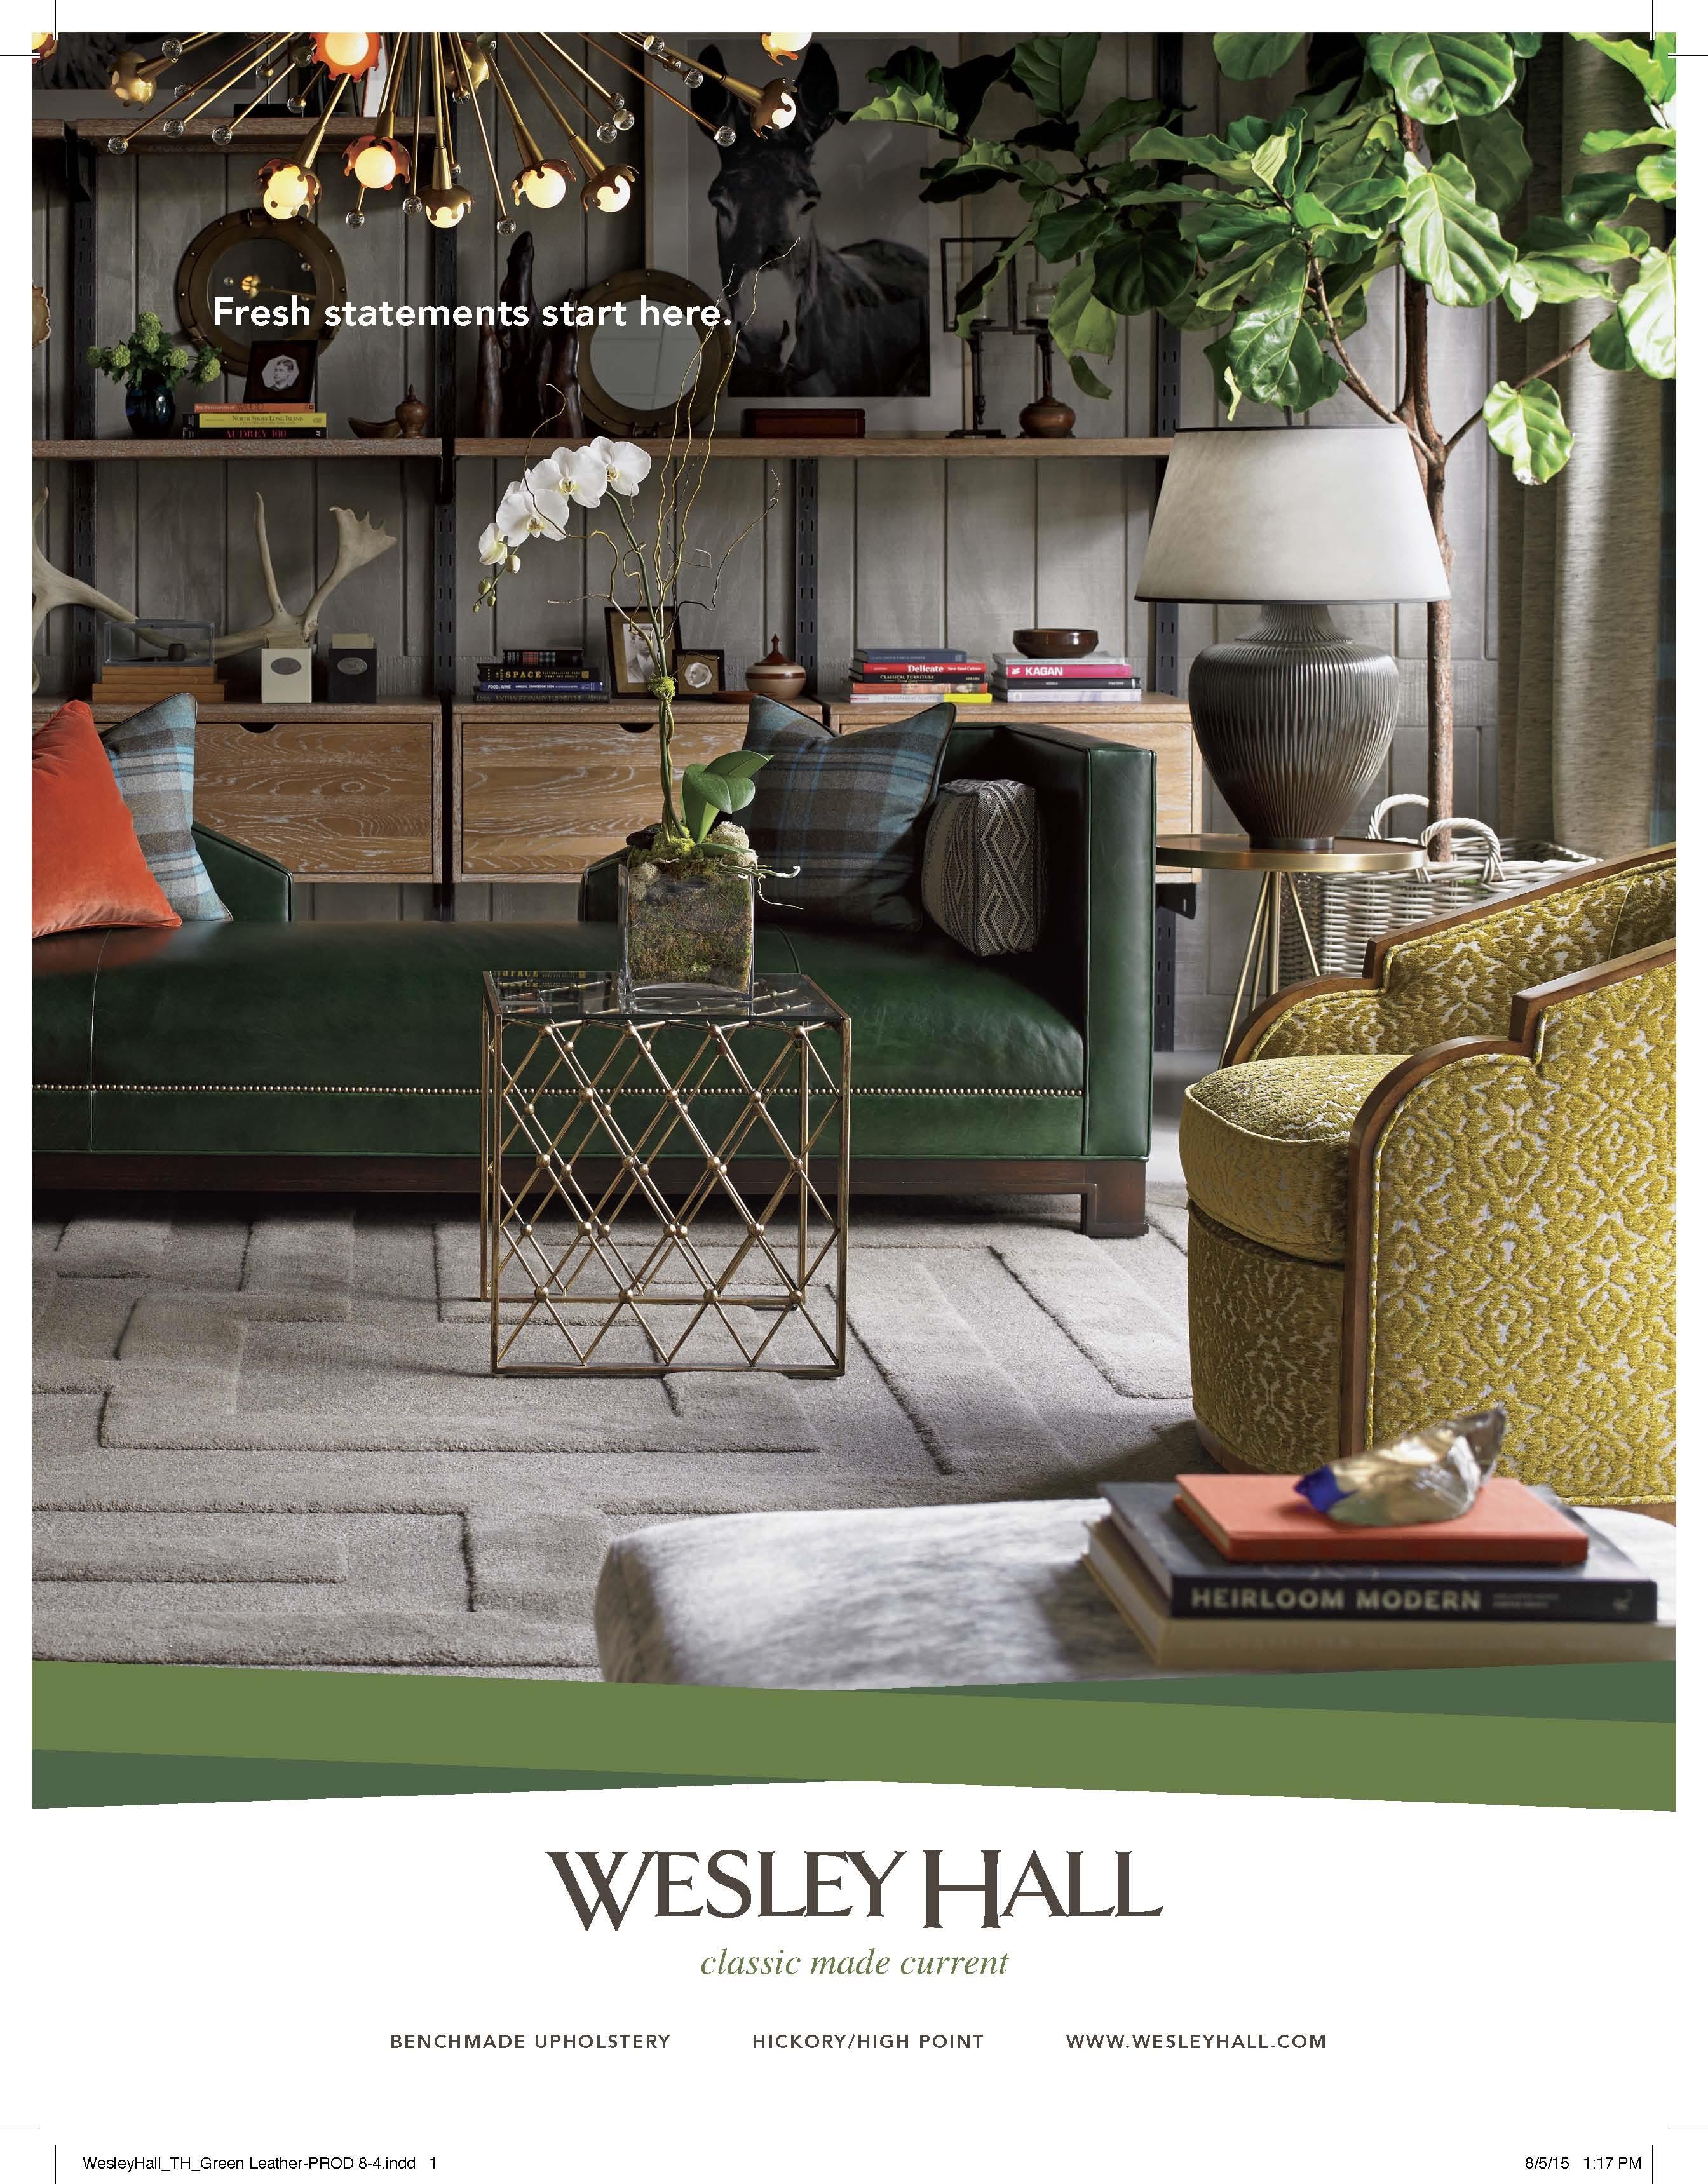 Wesley Hall Furniture National Ads